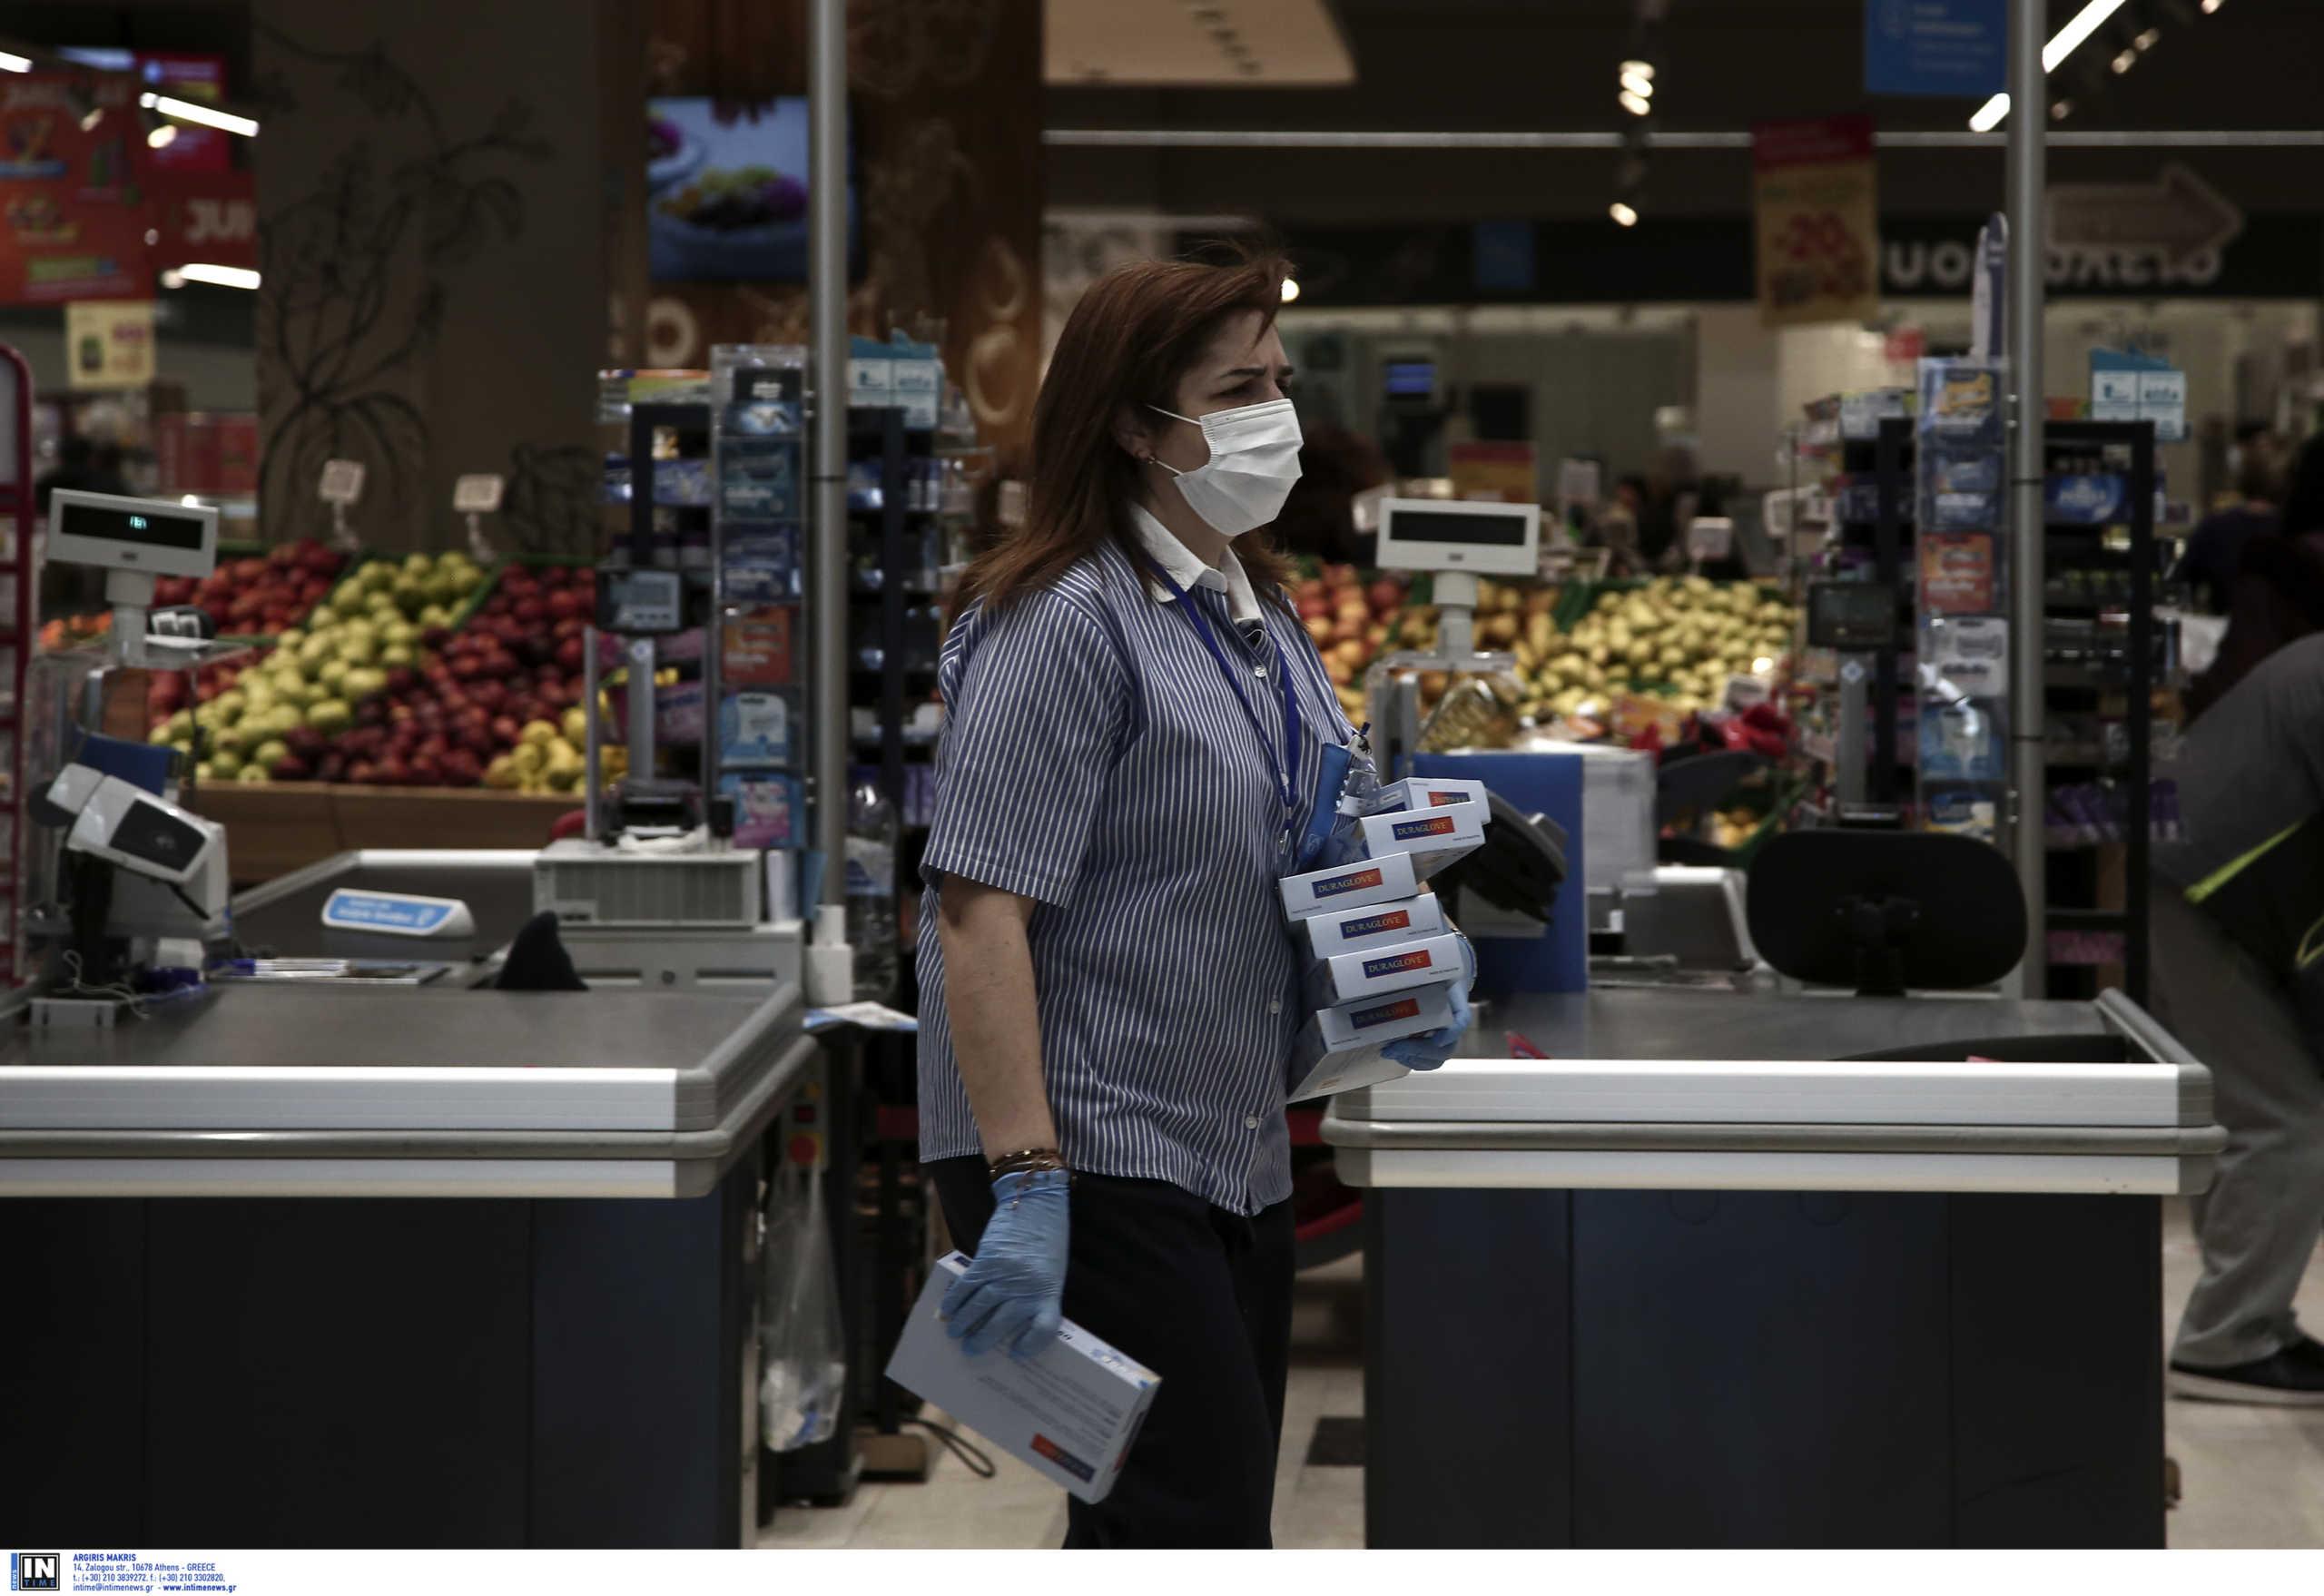 Στροφή των καταναλωτών στα ηλεκτρονικά σούπερ μάρκετ, κατακόρυφη ζήτηση